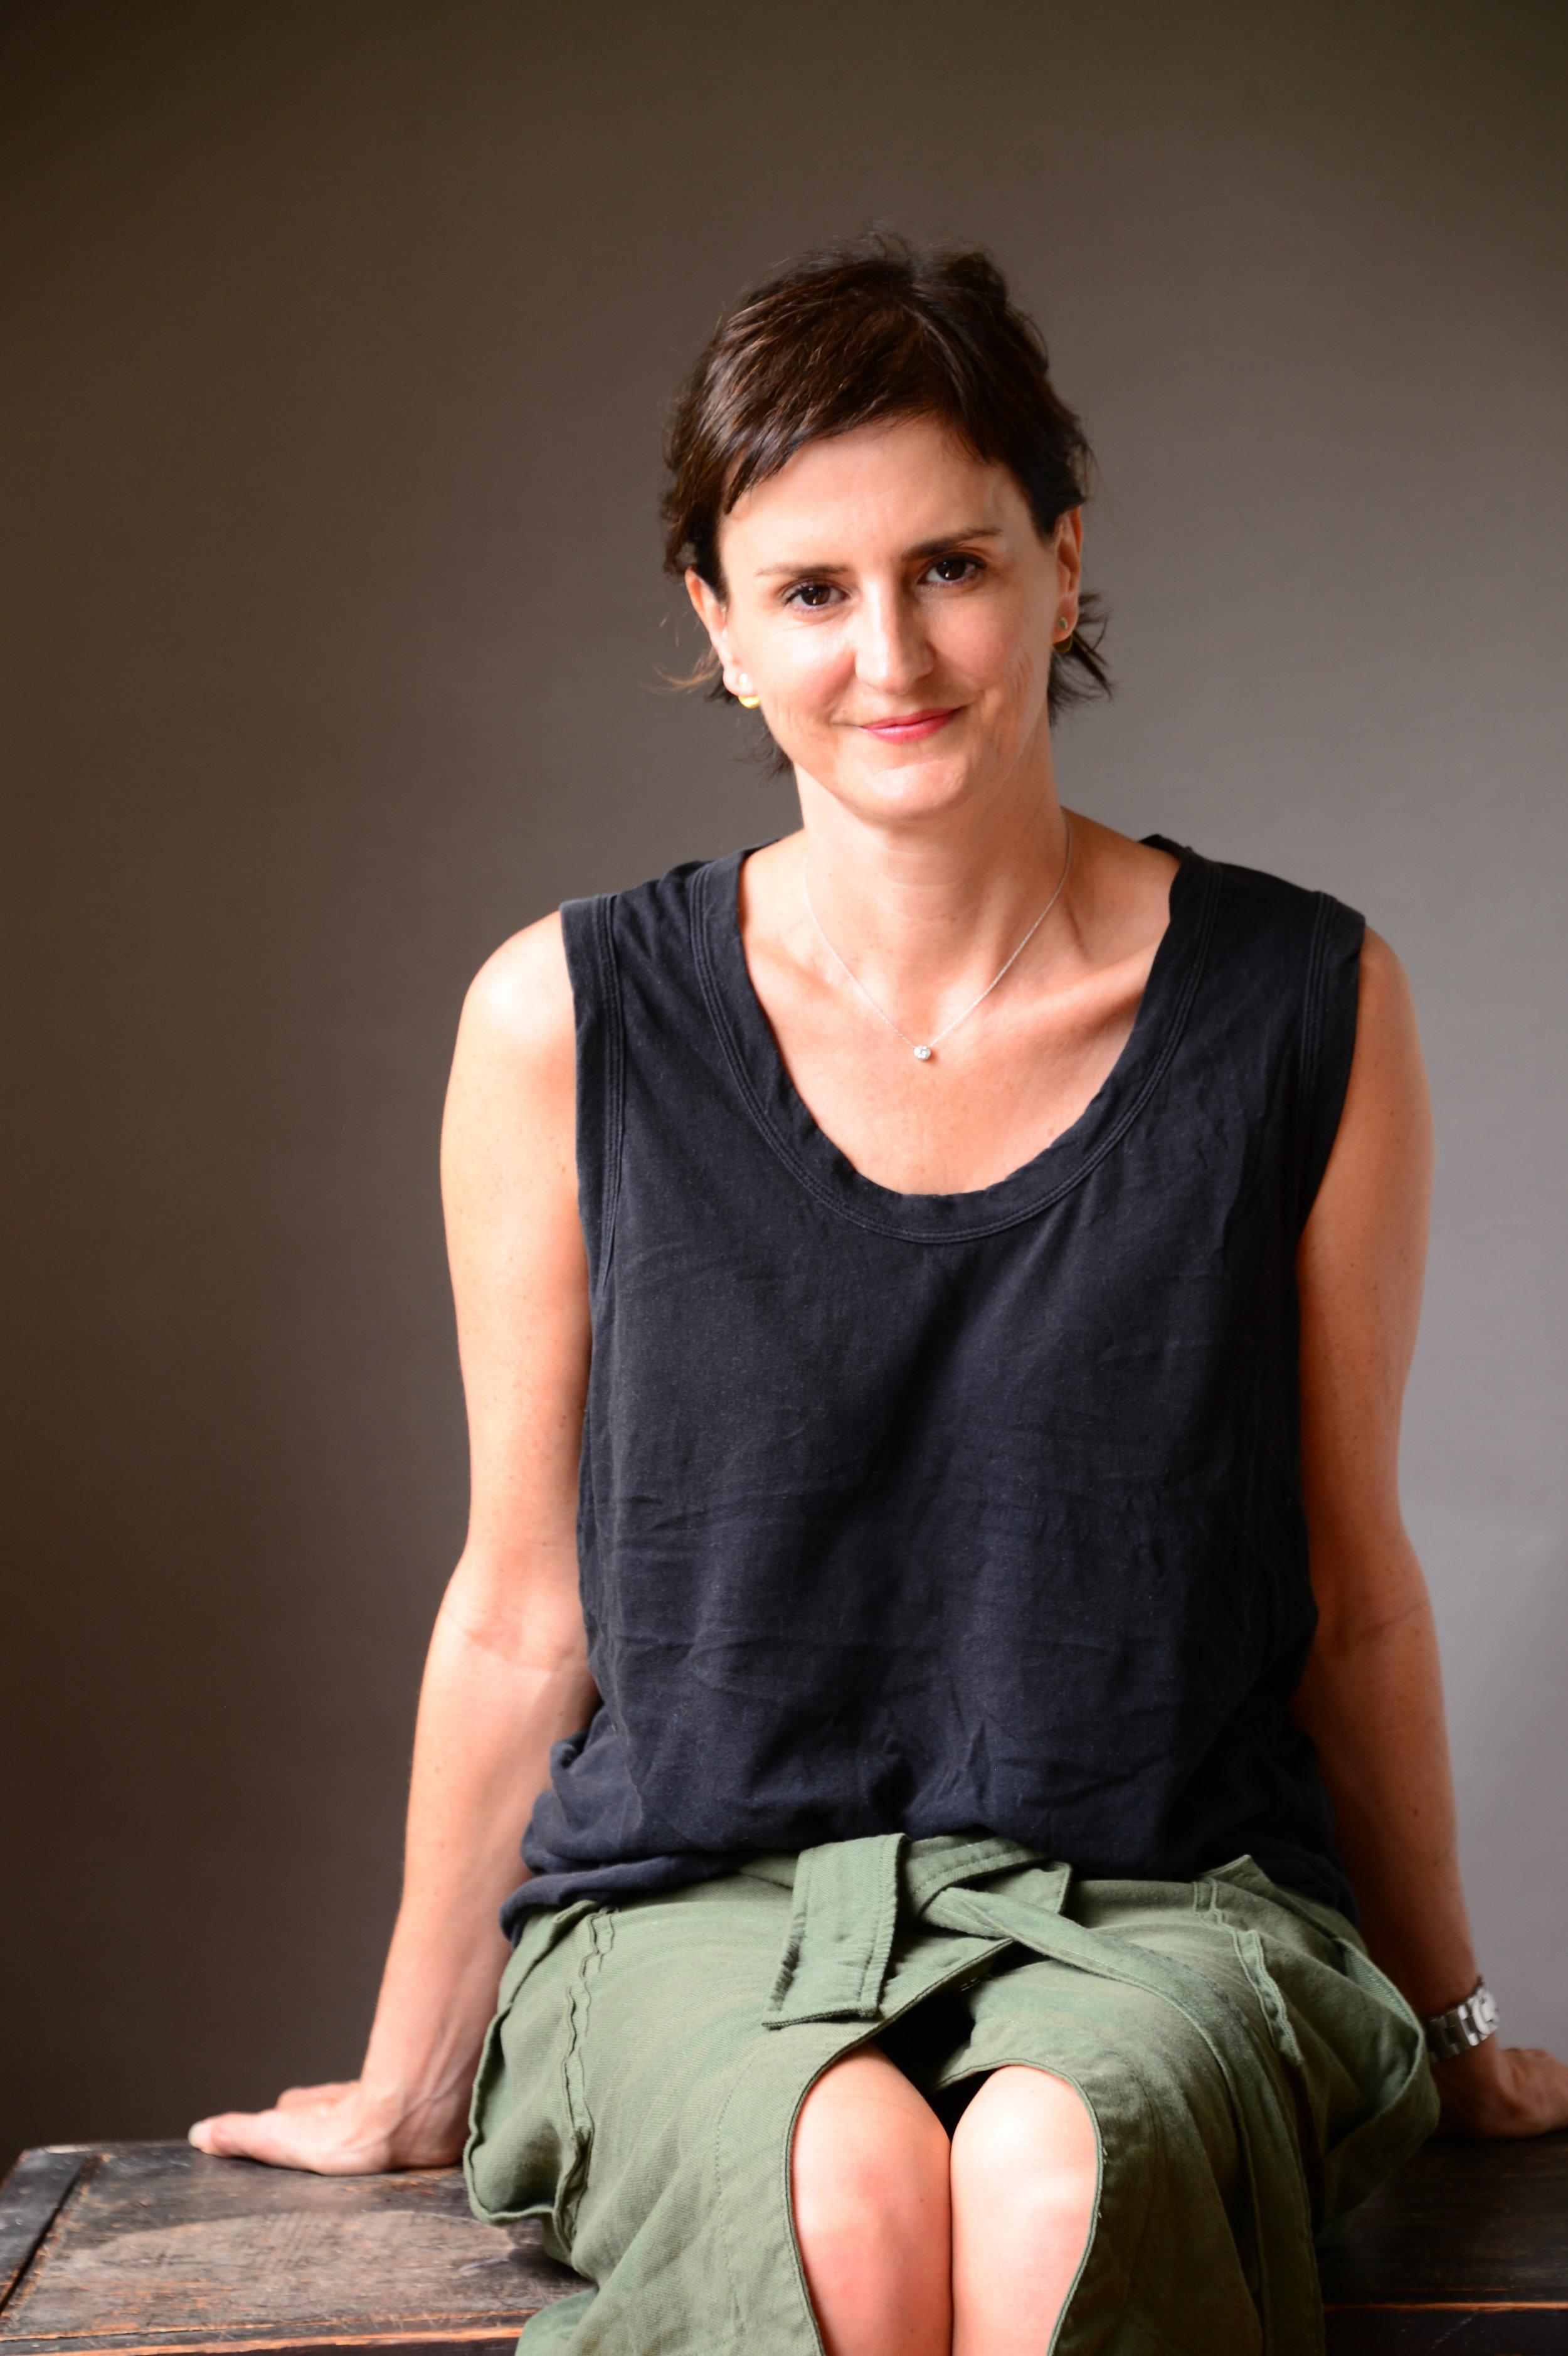 MEET | Stephanie Devine - Founder & CEO of The Very Good Bra